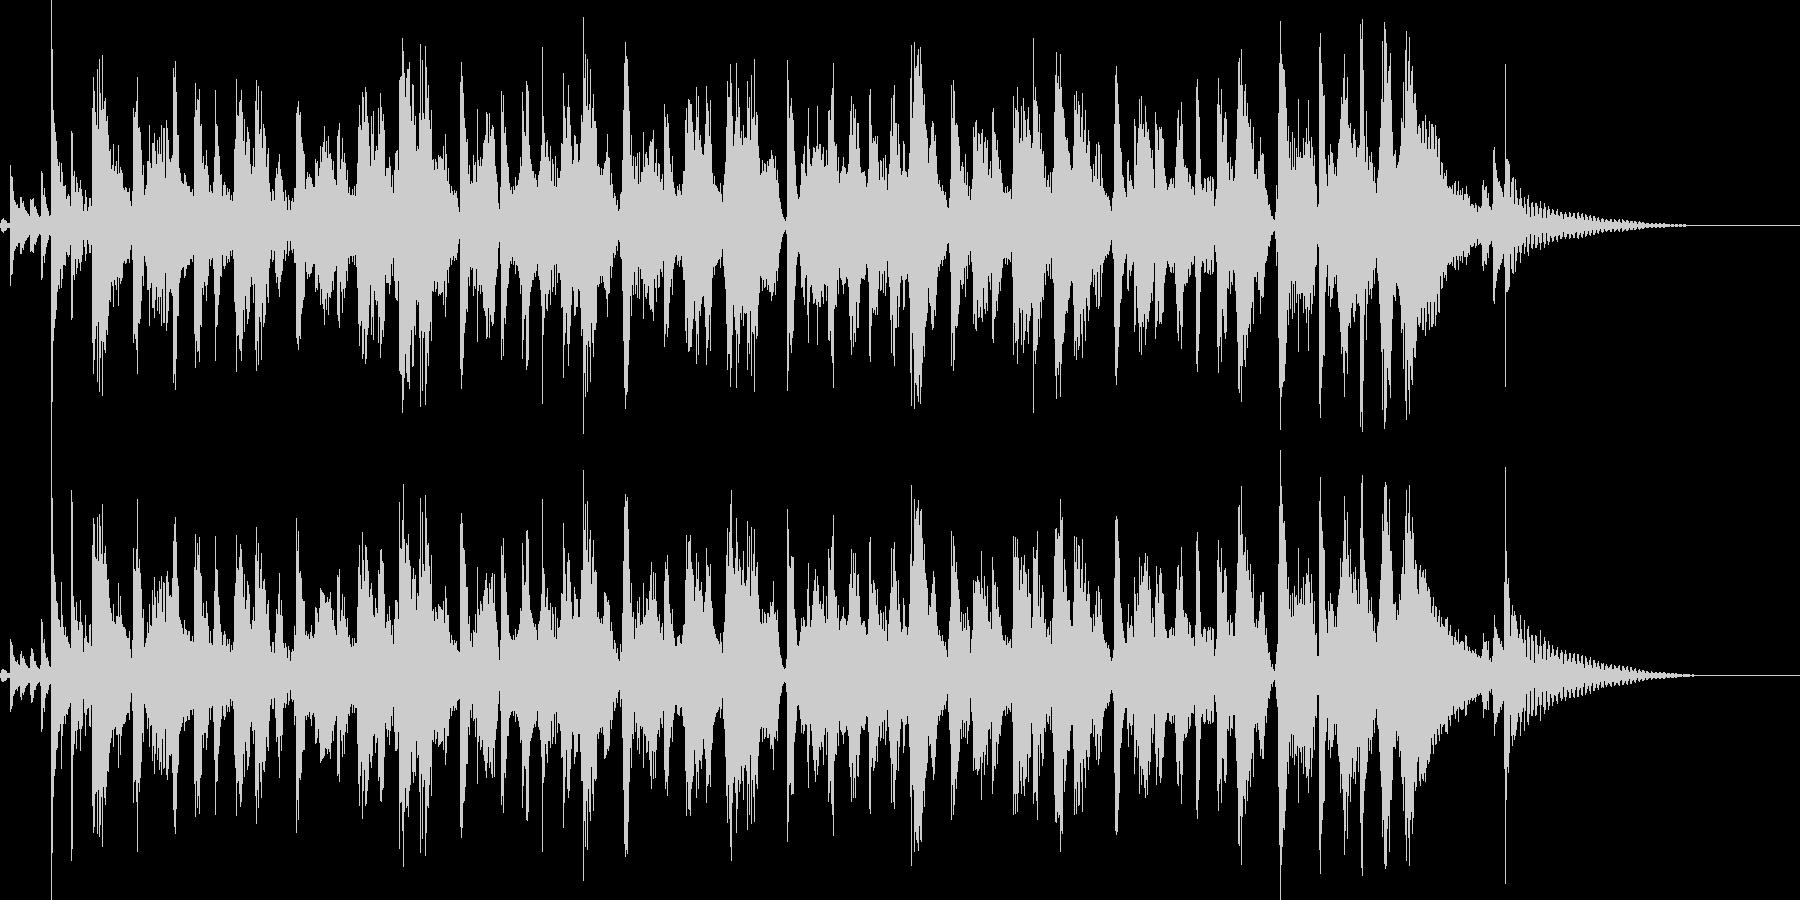 トランペットのマーチング風なジングルの未再生の波形